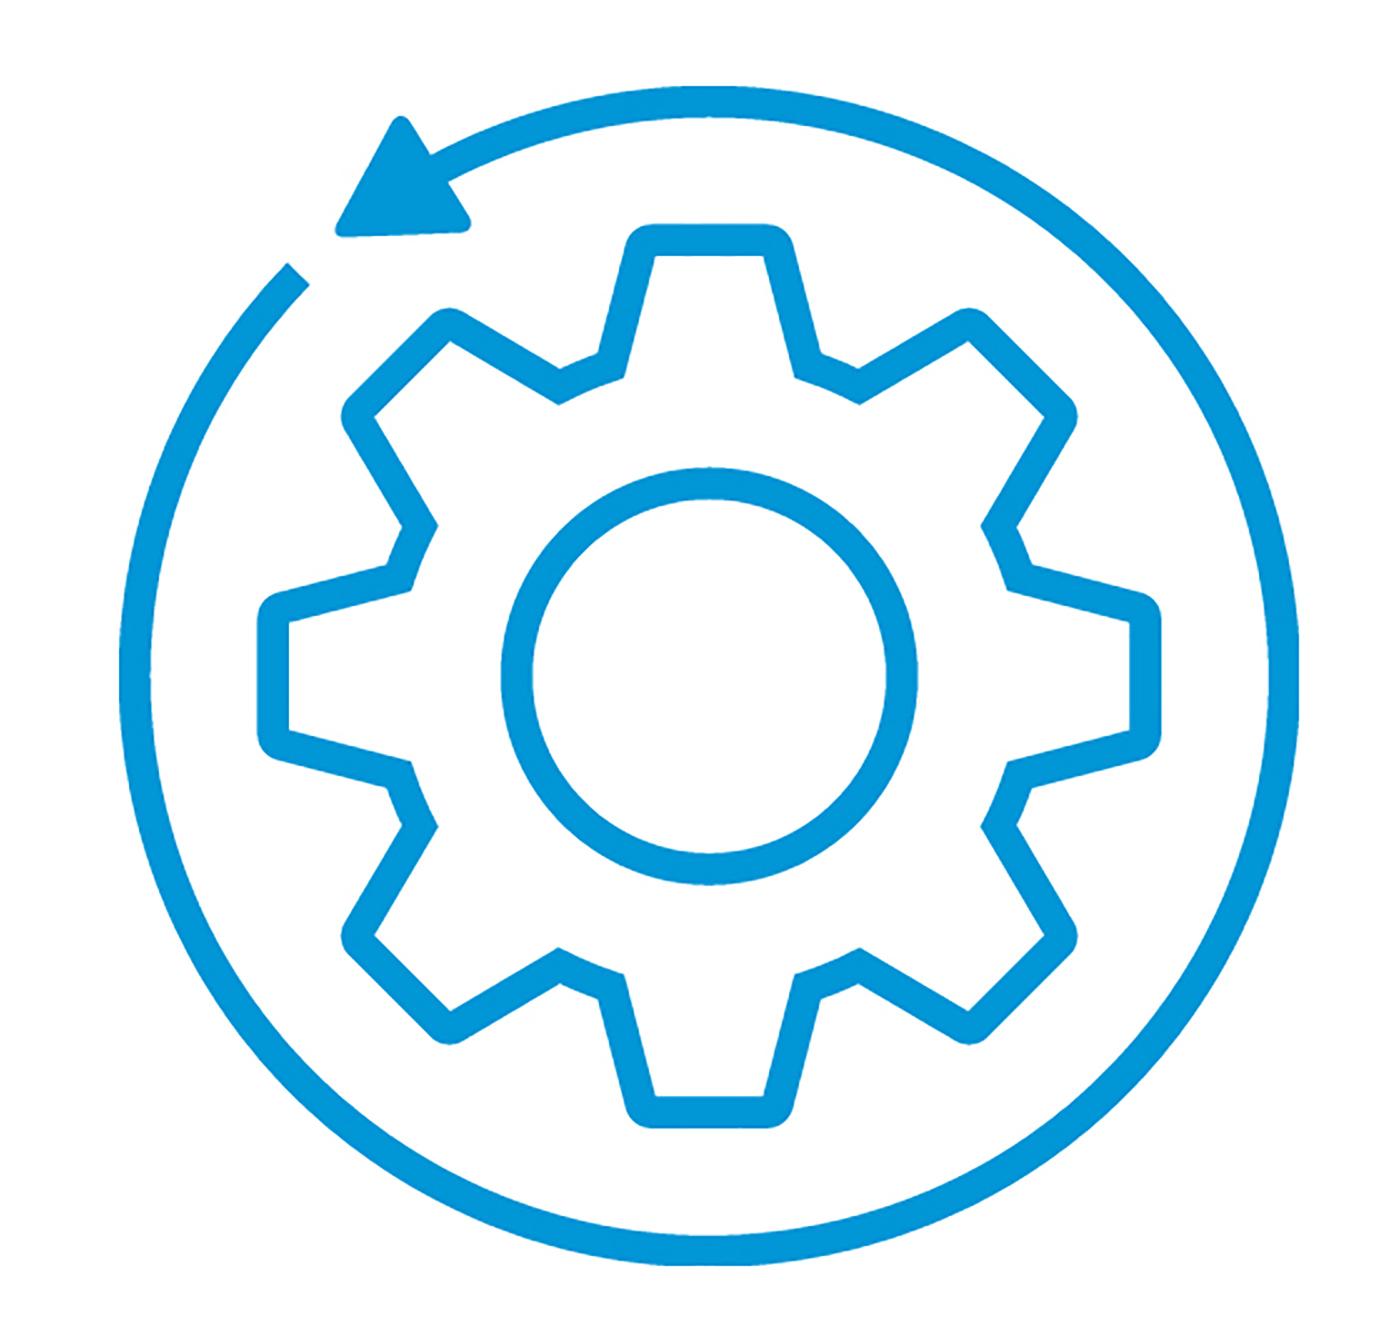 HP Servicio premium de 3 años de gestión proactiva de análisis al siguiente día laborable in situ sin CSR obligatorio (solo 1 dispositivo DaaS)